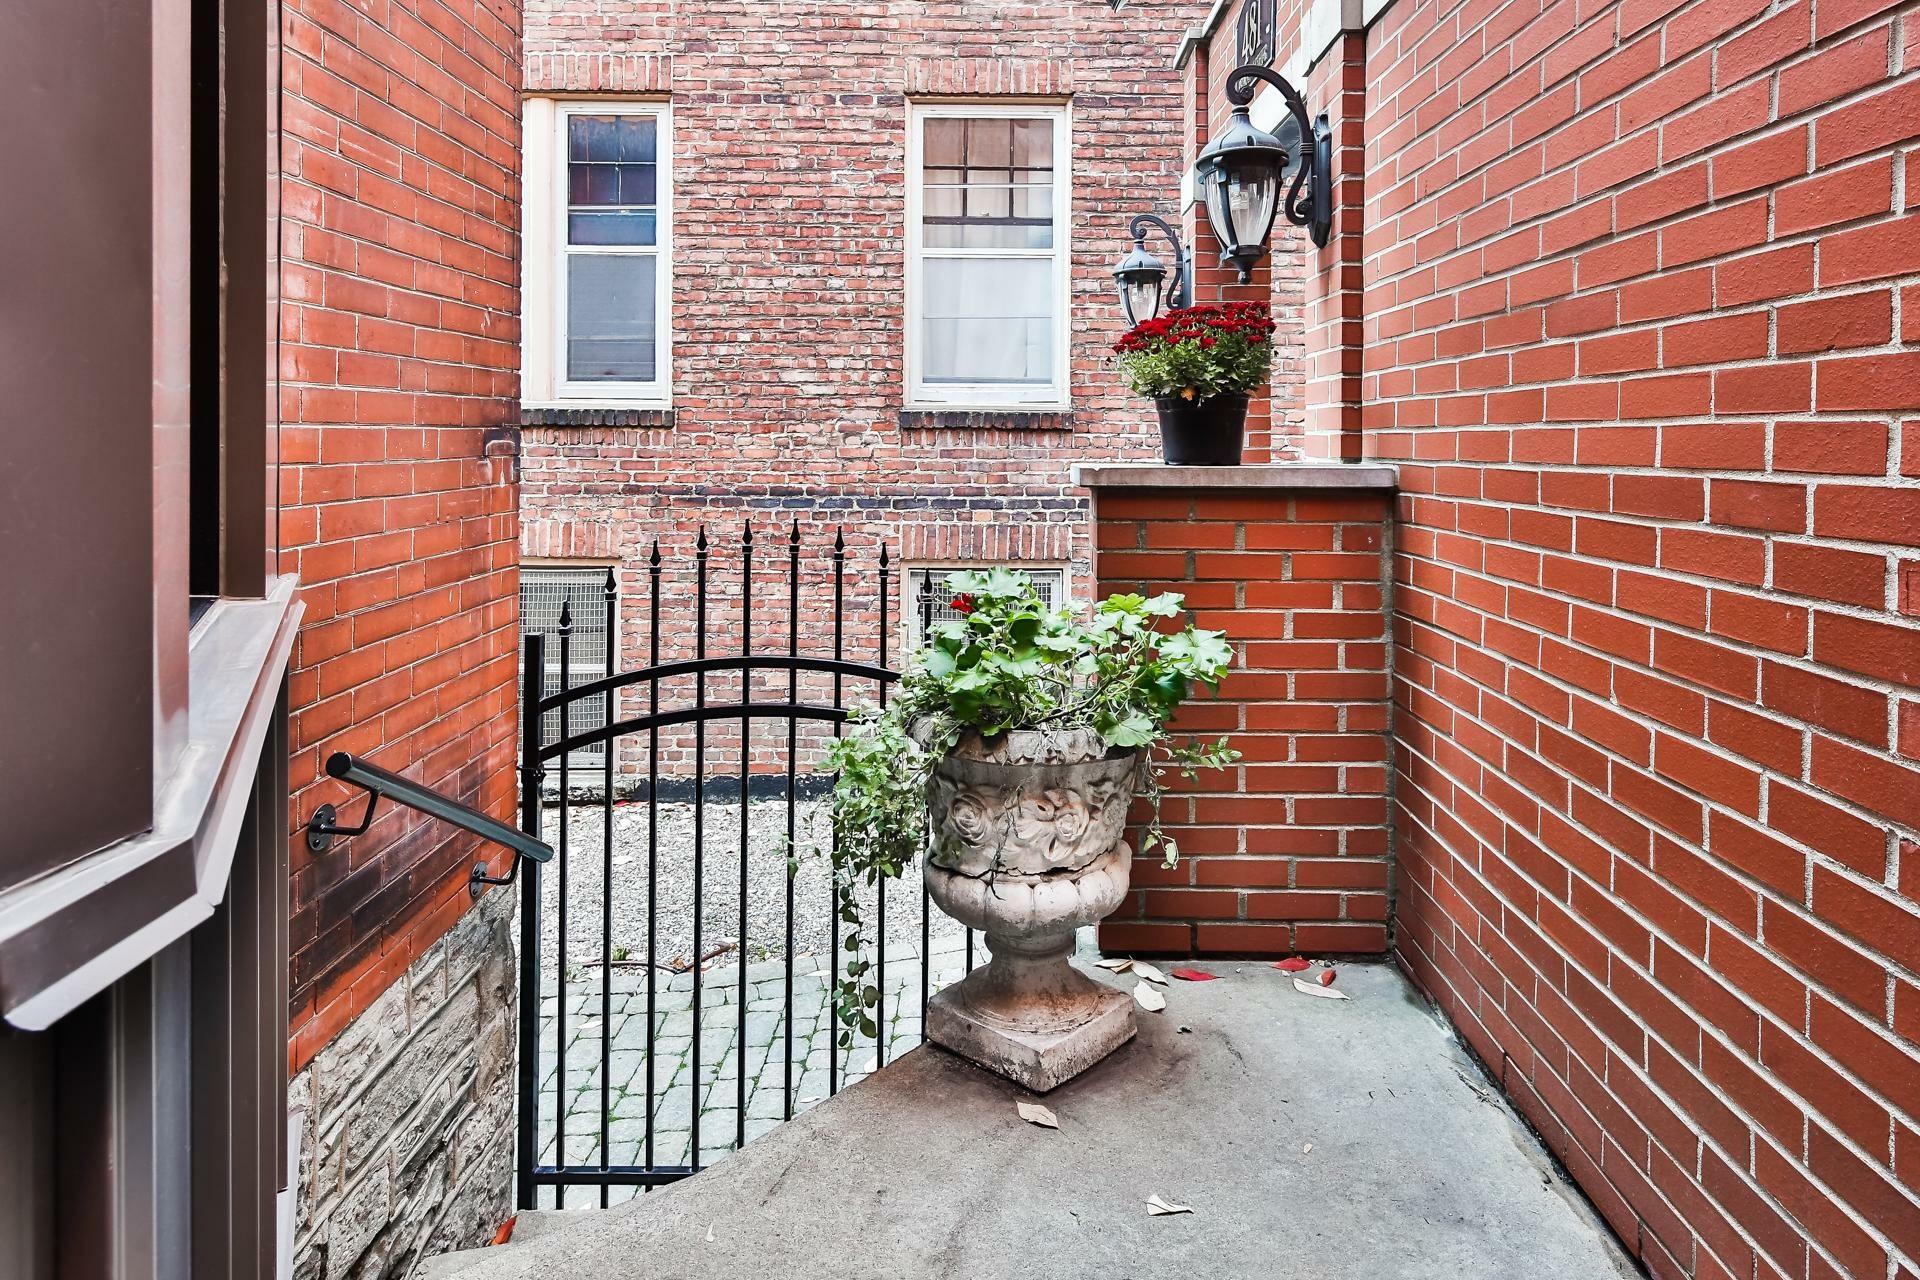 image 26 - Appartement À vendre Le Plateau-Mont-Royal Montréal  - 6 pièces